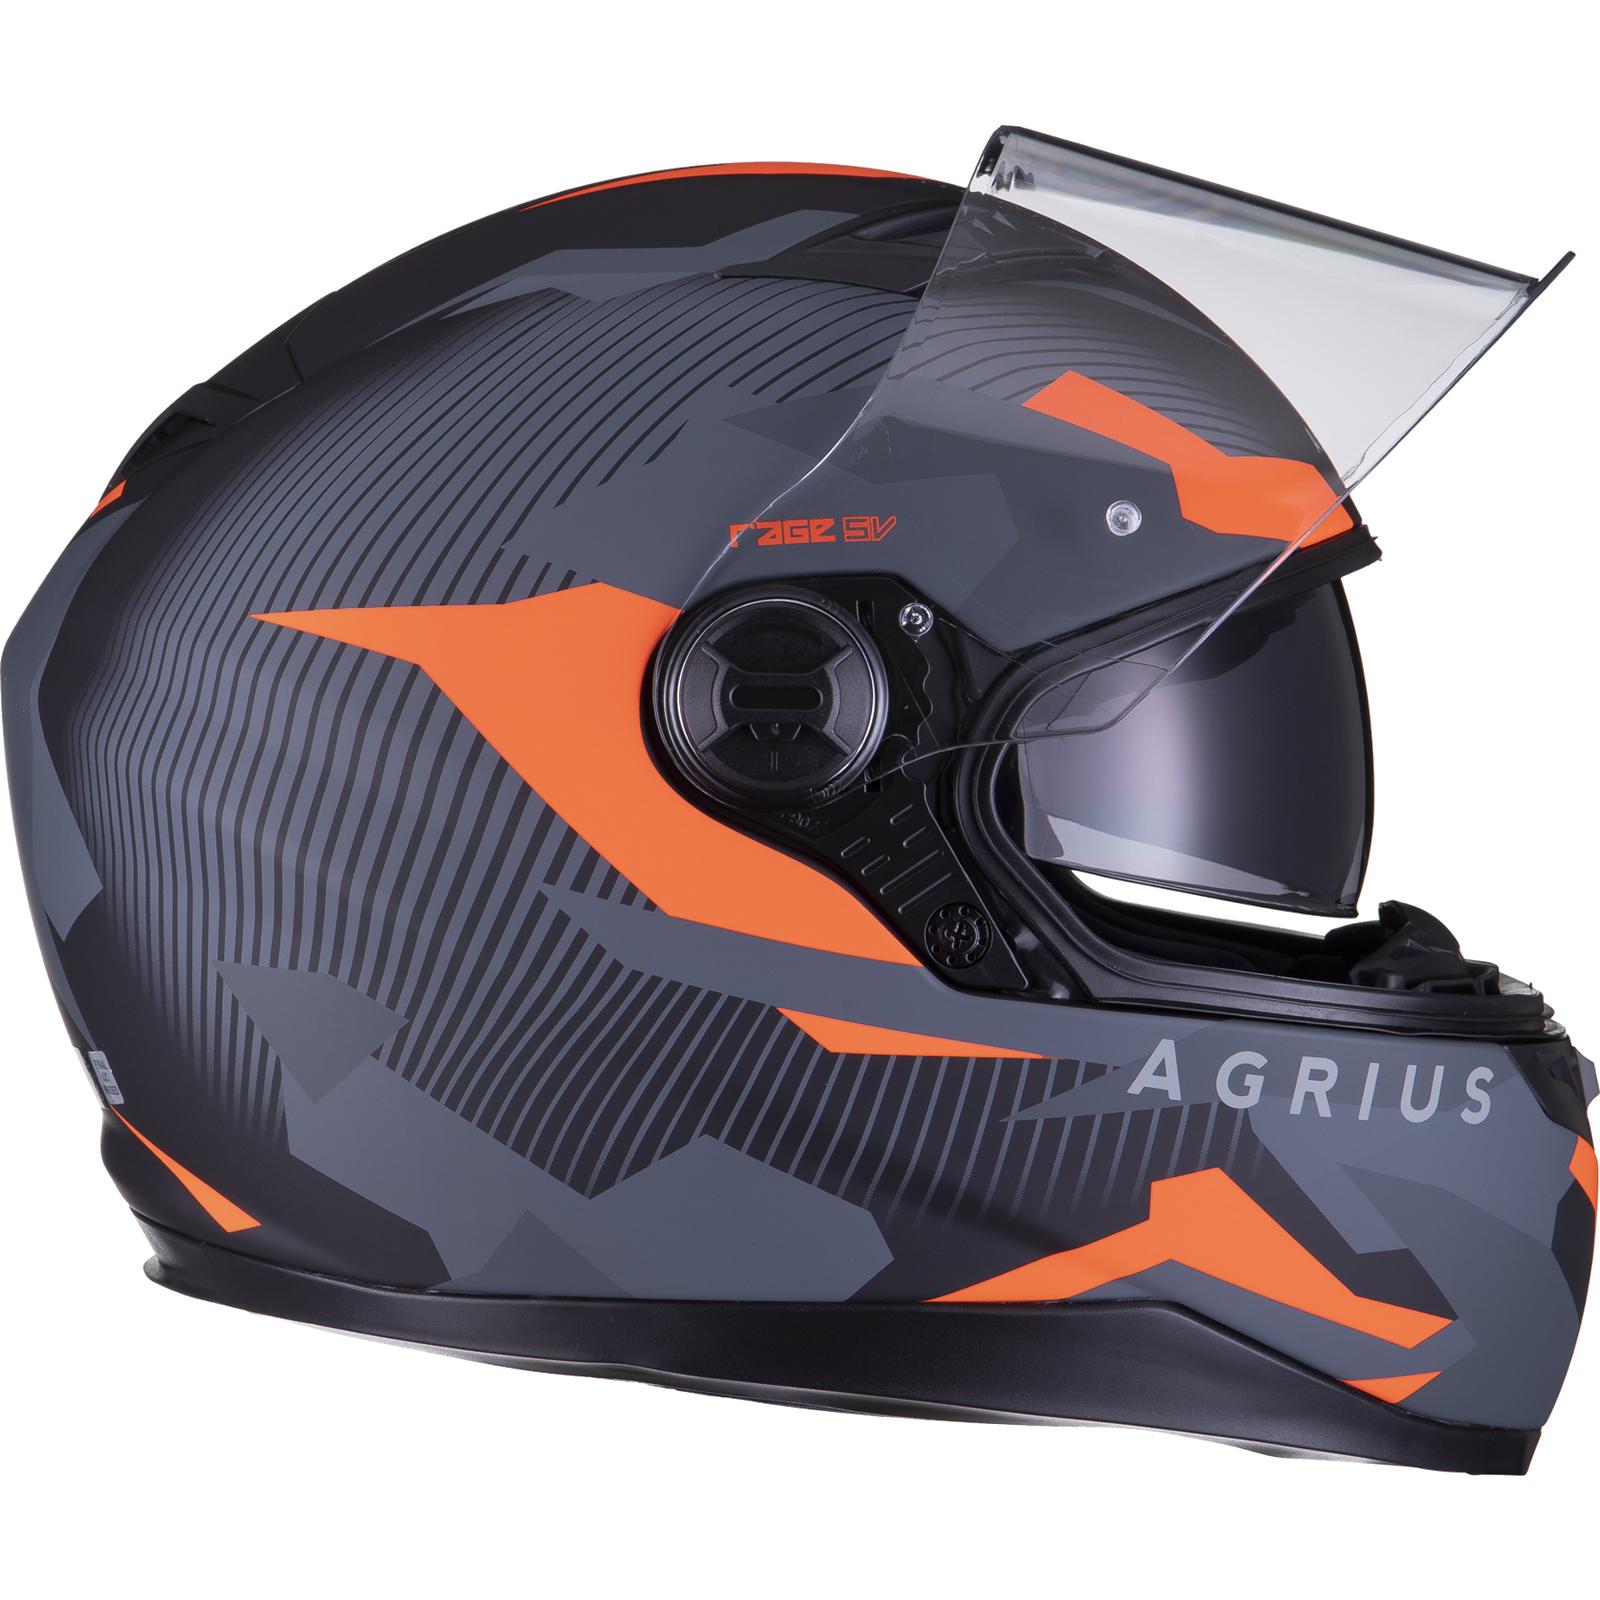 Agrius-Rage-SV-Tracker-Full-Face-Motorcycle-Matt-Helmet-bike-Road-Bike-Scooter thumbnail 33